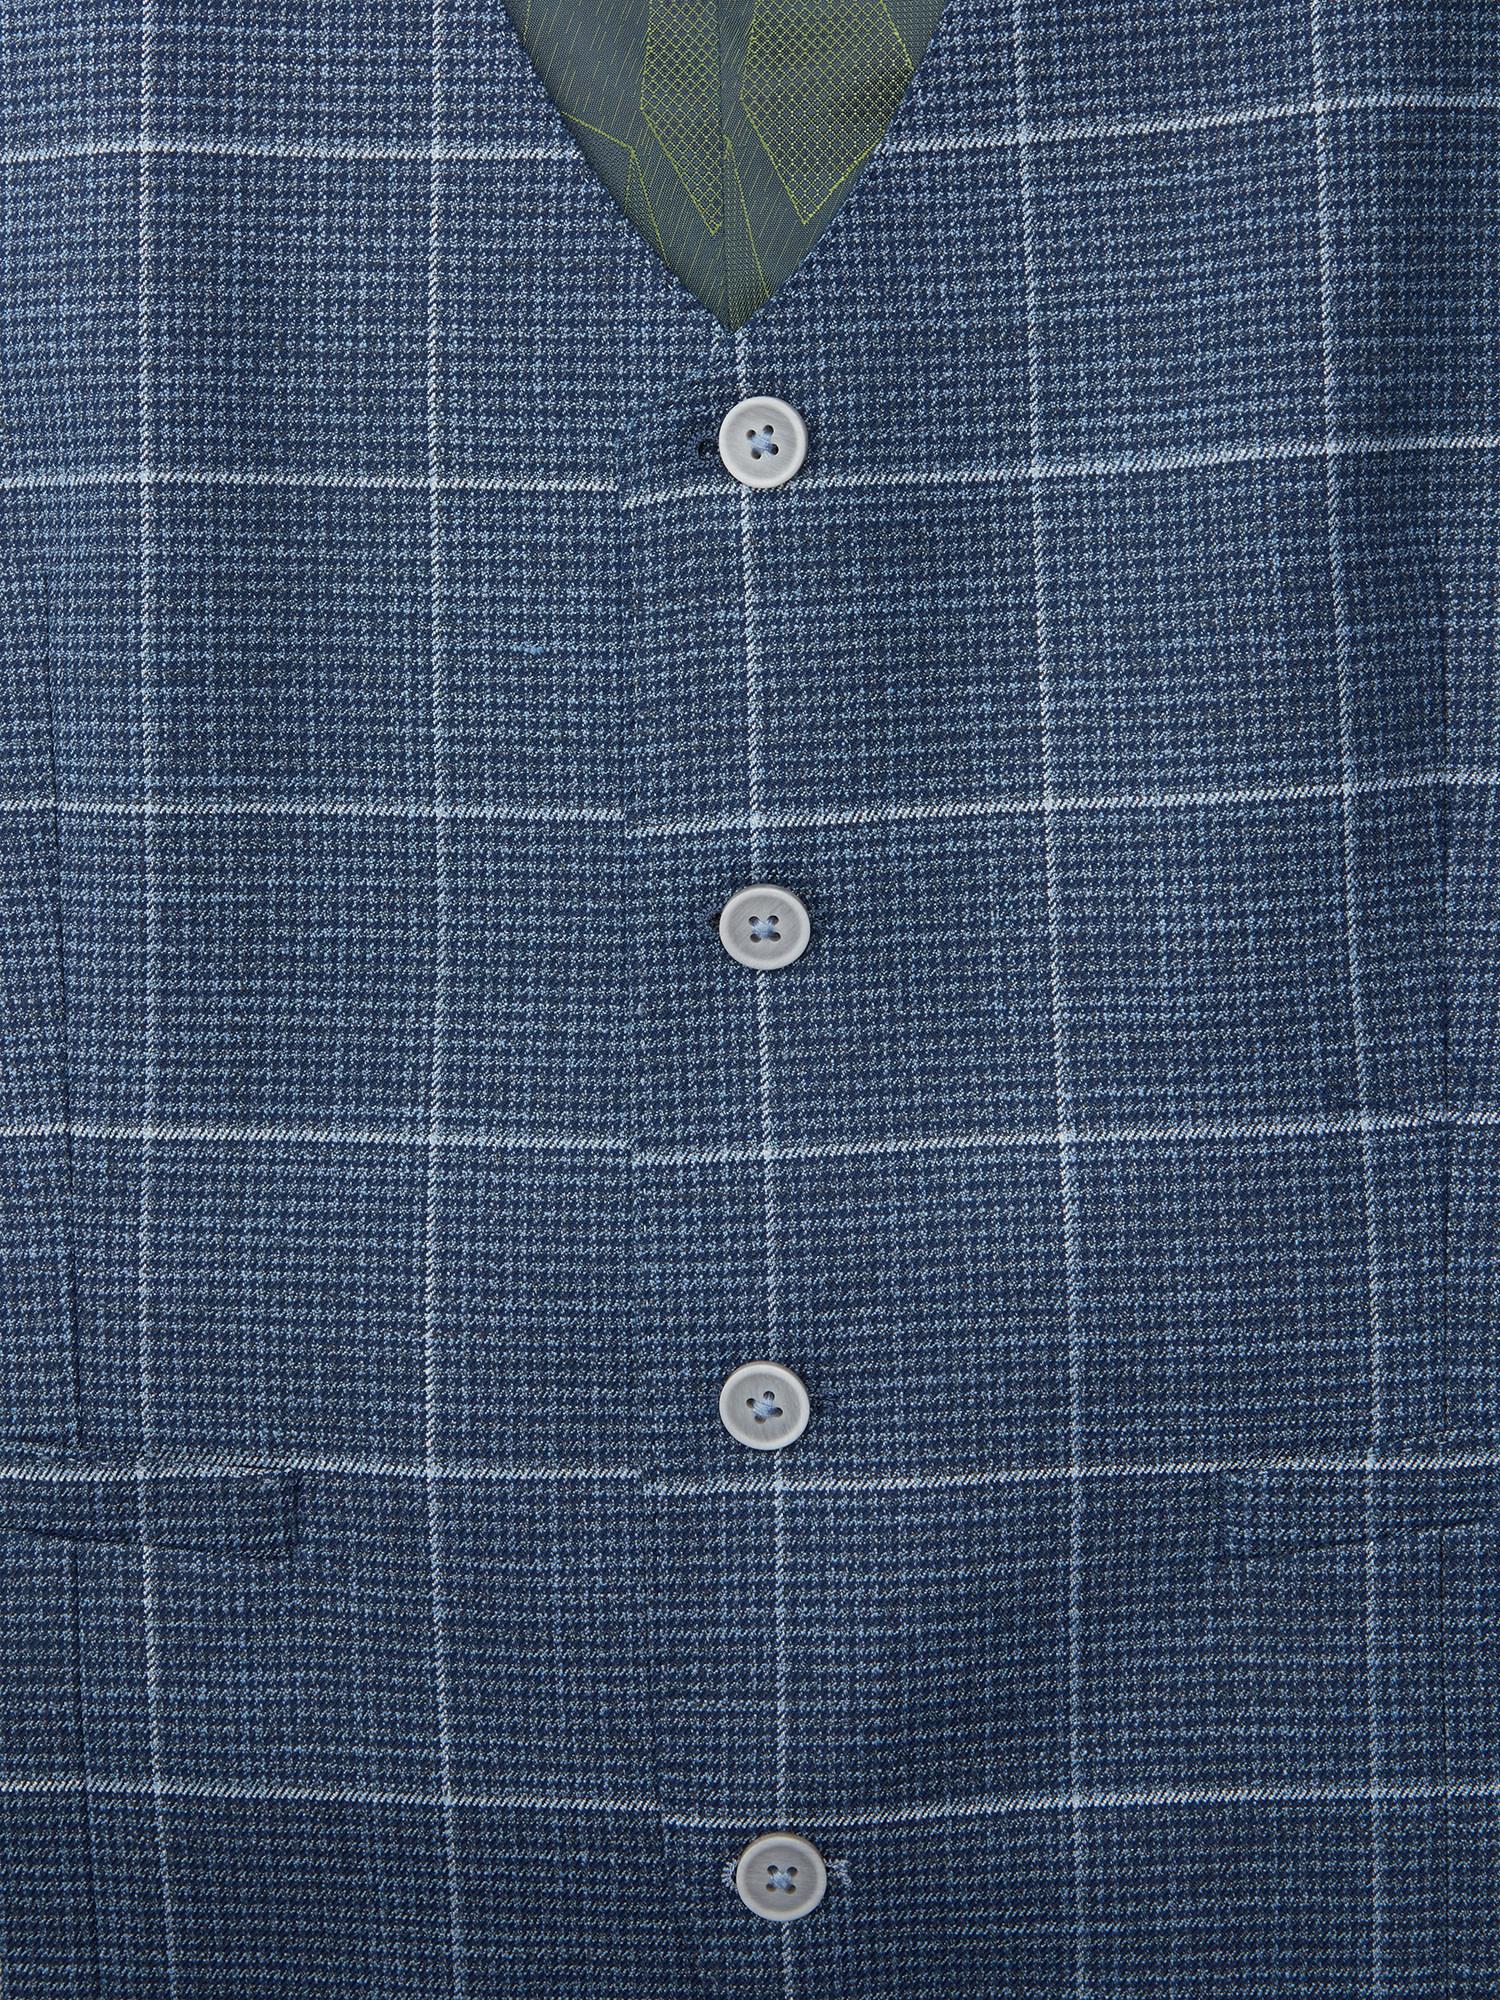 Remus Uomo Blue Window pane check waistcoat